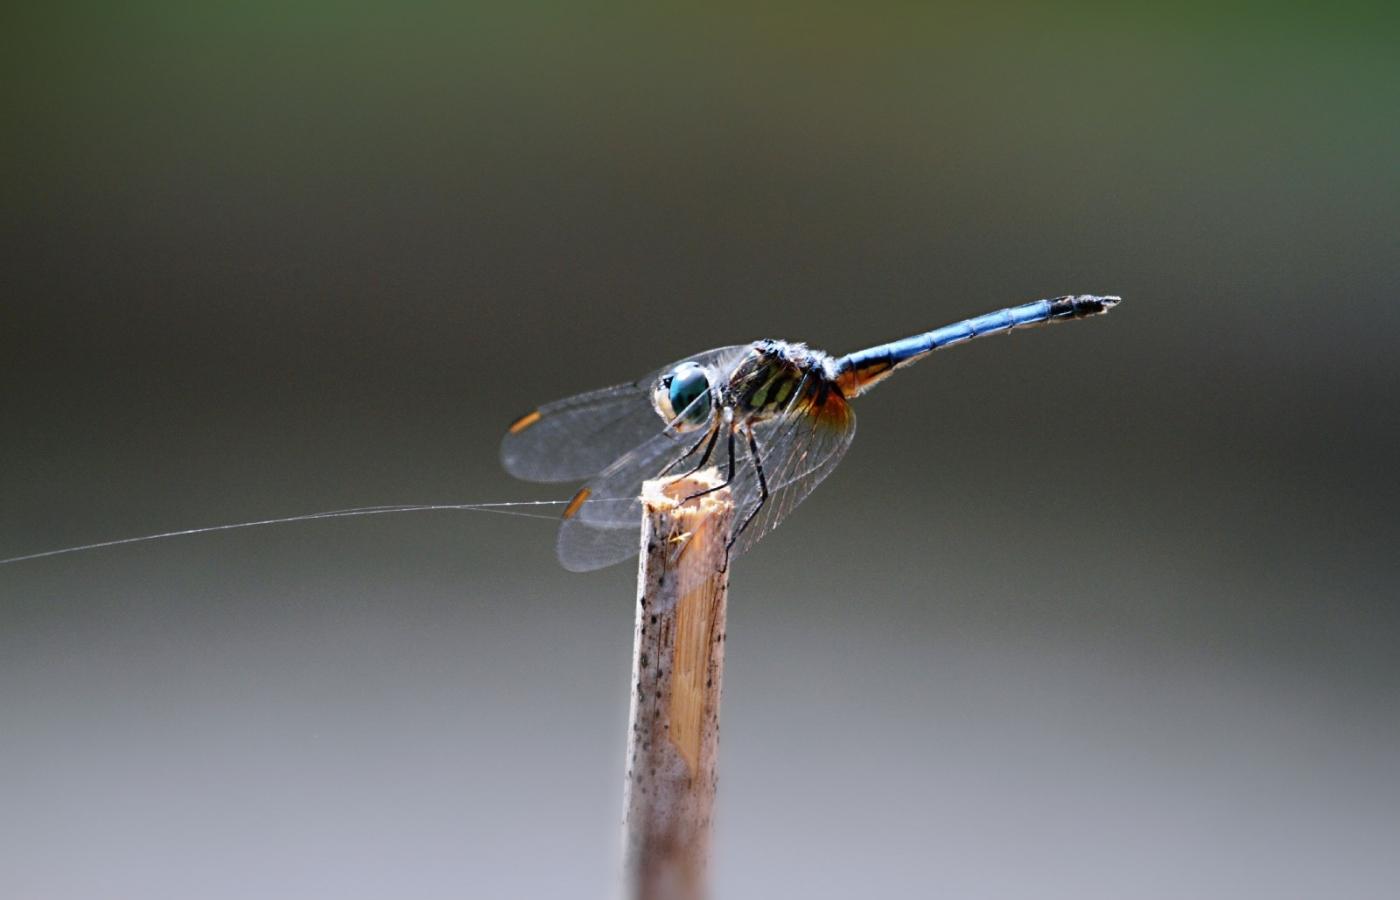 【田螺摄影】院子里的蜻蜓_图1-8